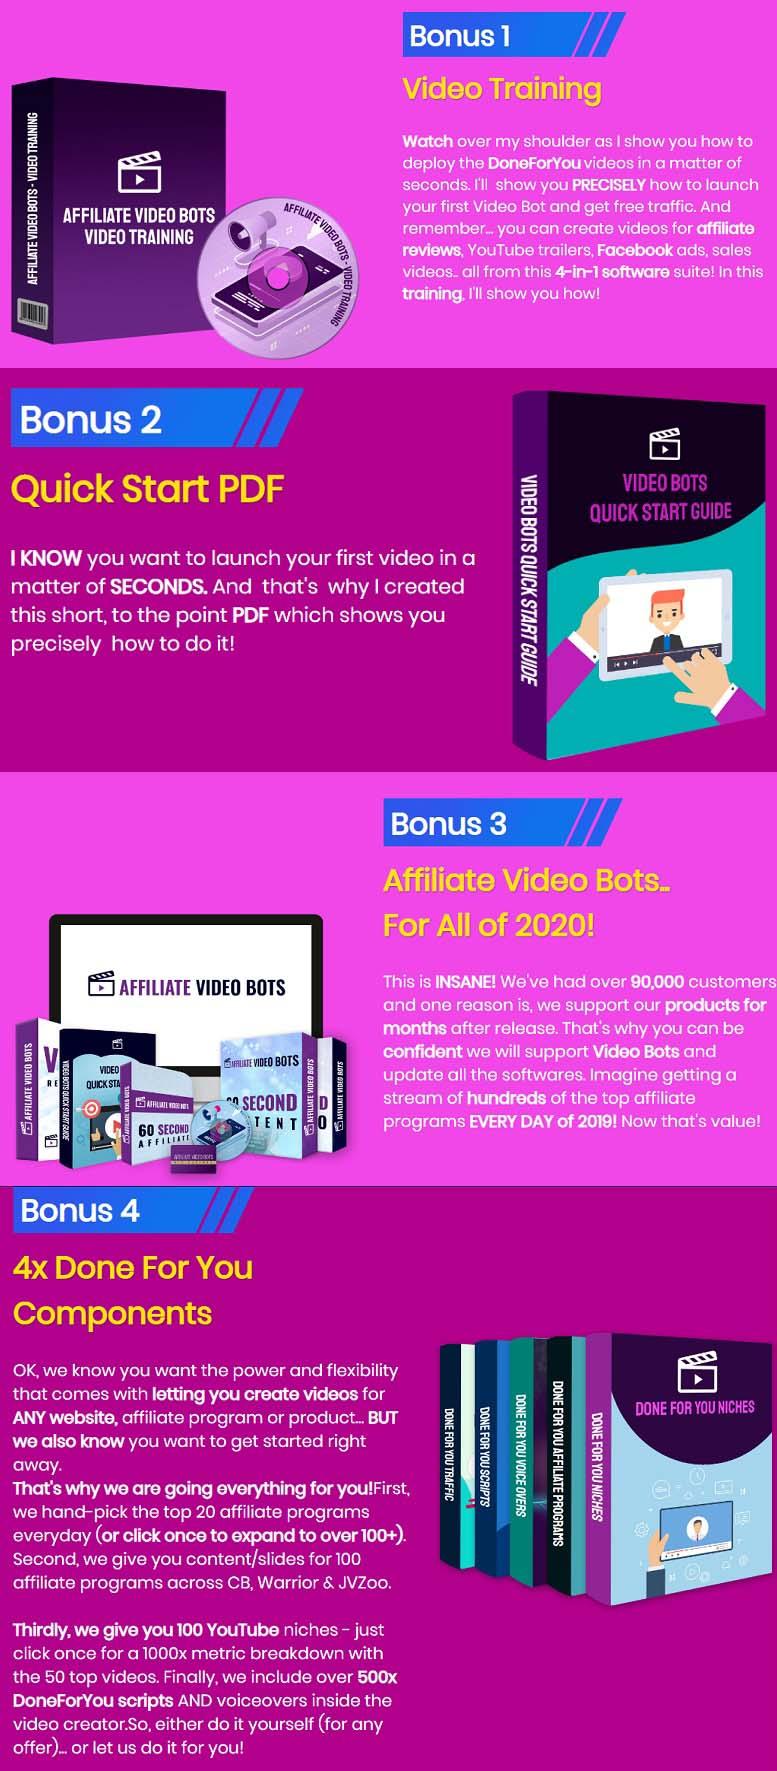 Affiliate Video Bots Bonus